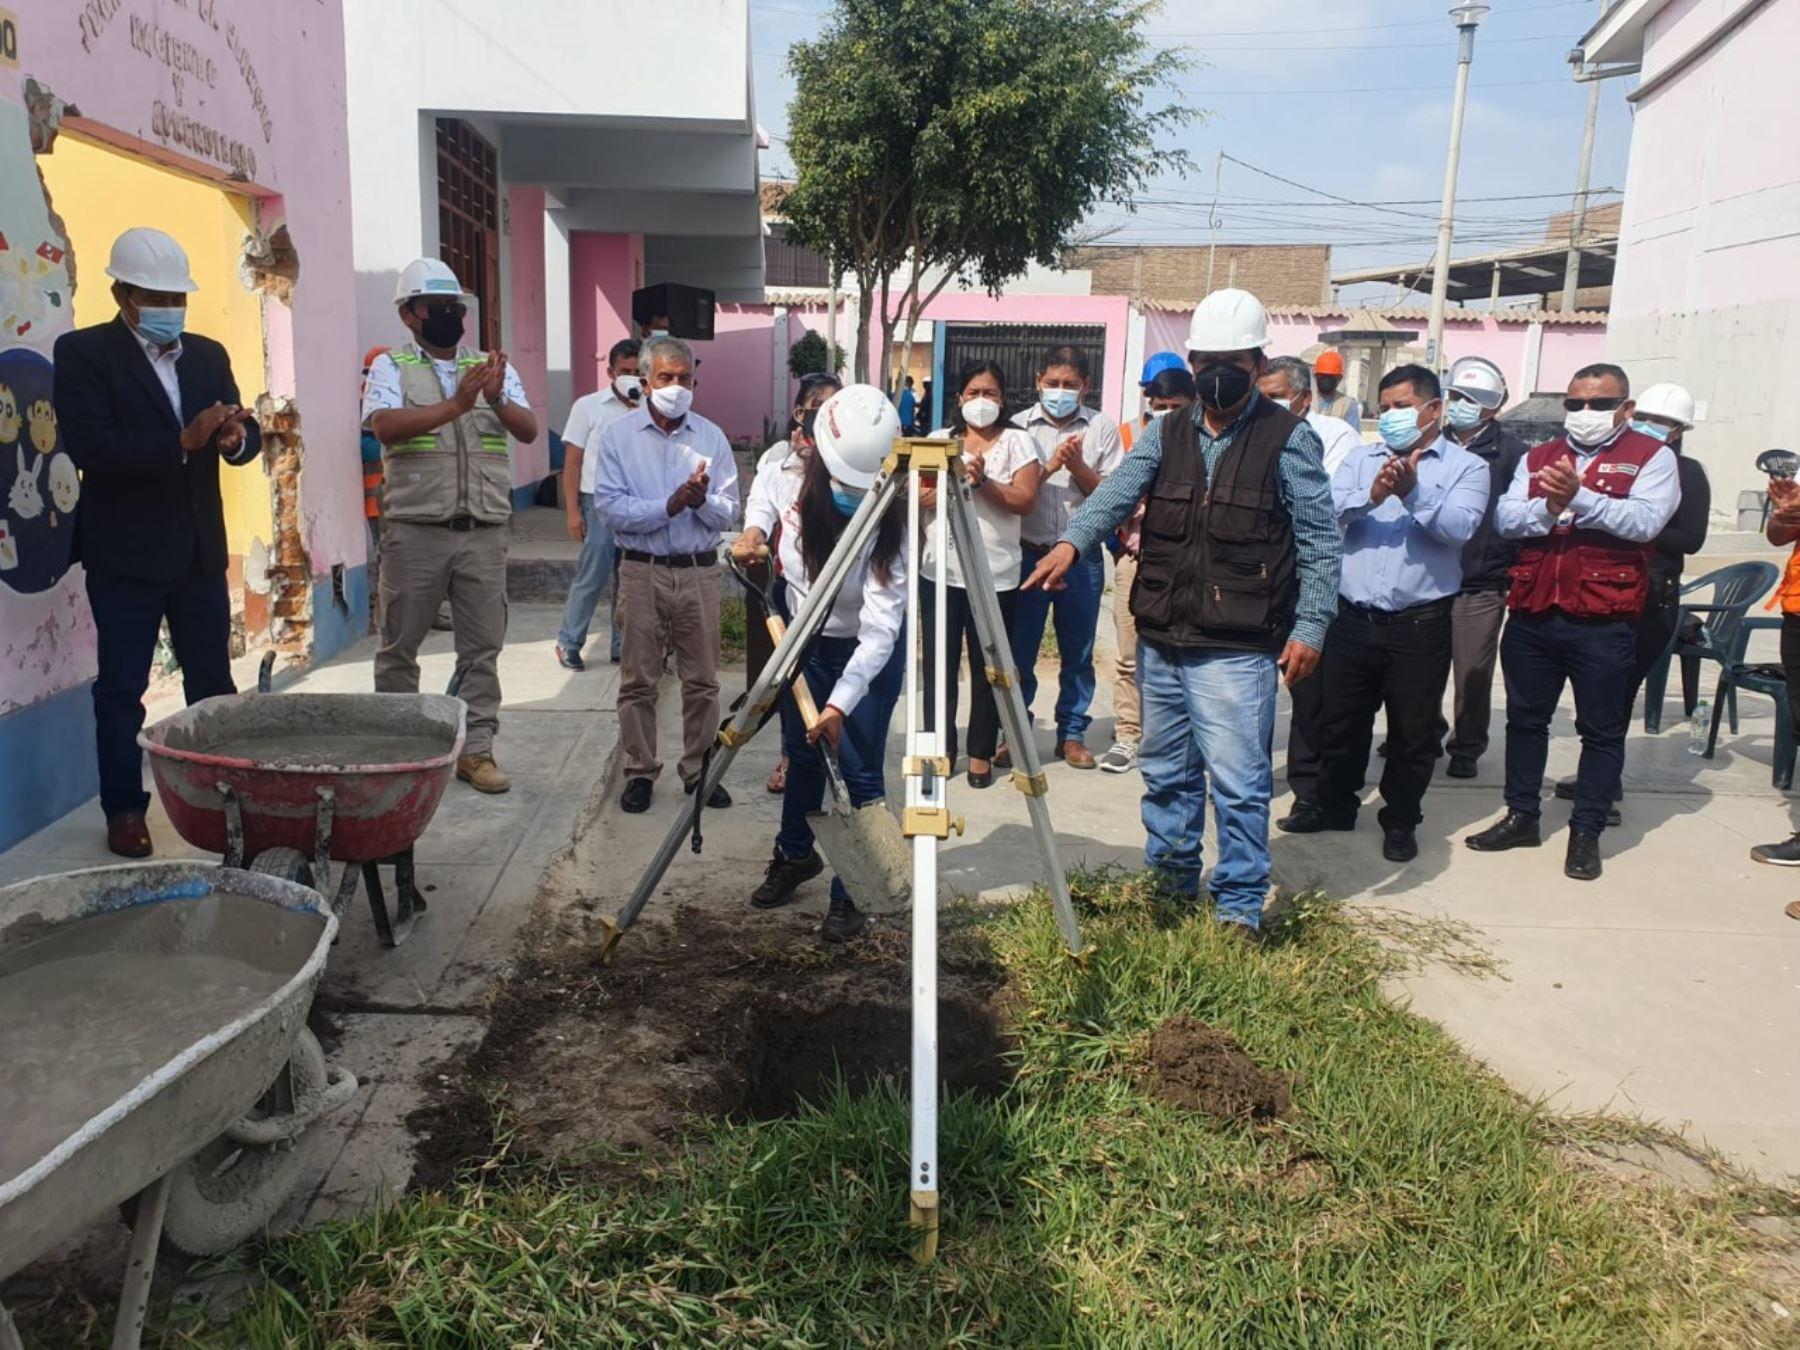 La Autoridad para la Reconstrucción con Cambios inició la reconstrucción de escuela Santa Rosa en Mochumí, Lambayeque.